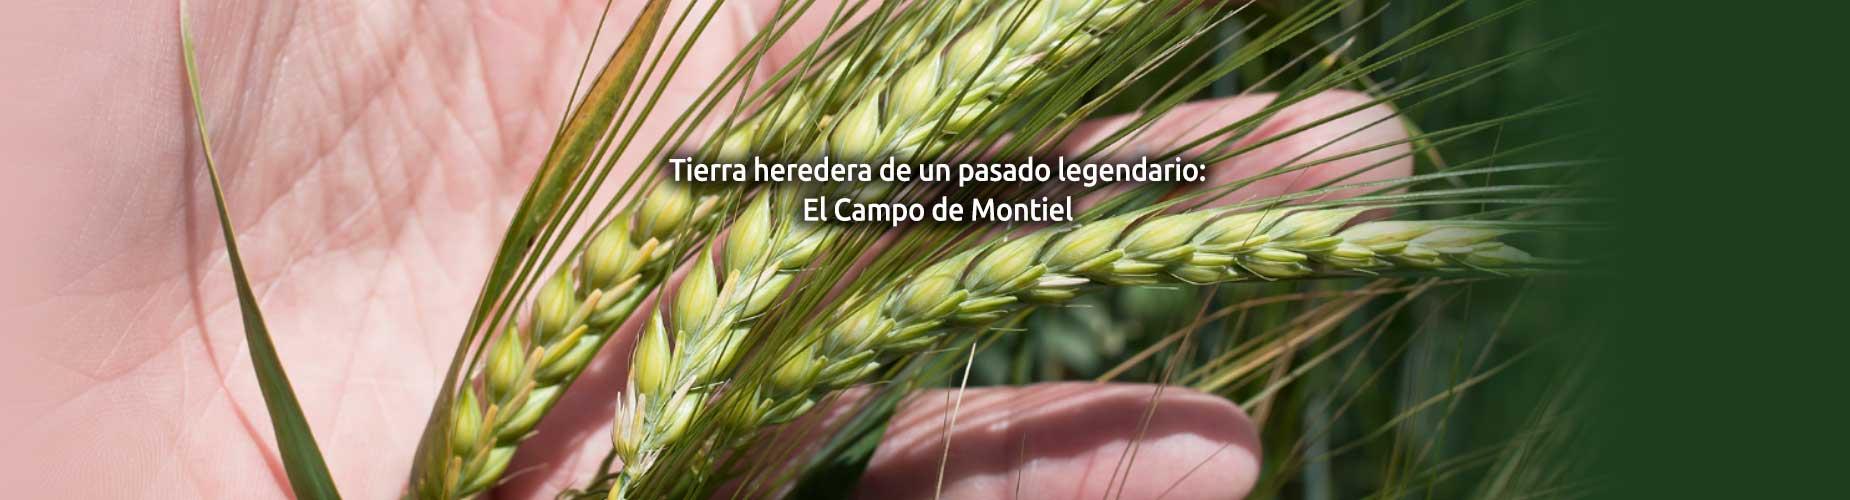 cooperativa Cozar de la Sierra cereales